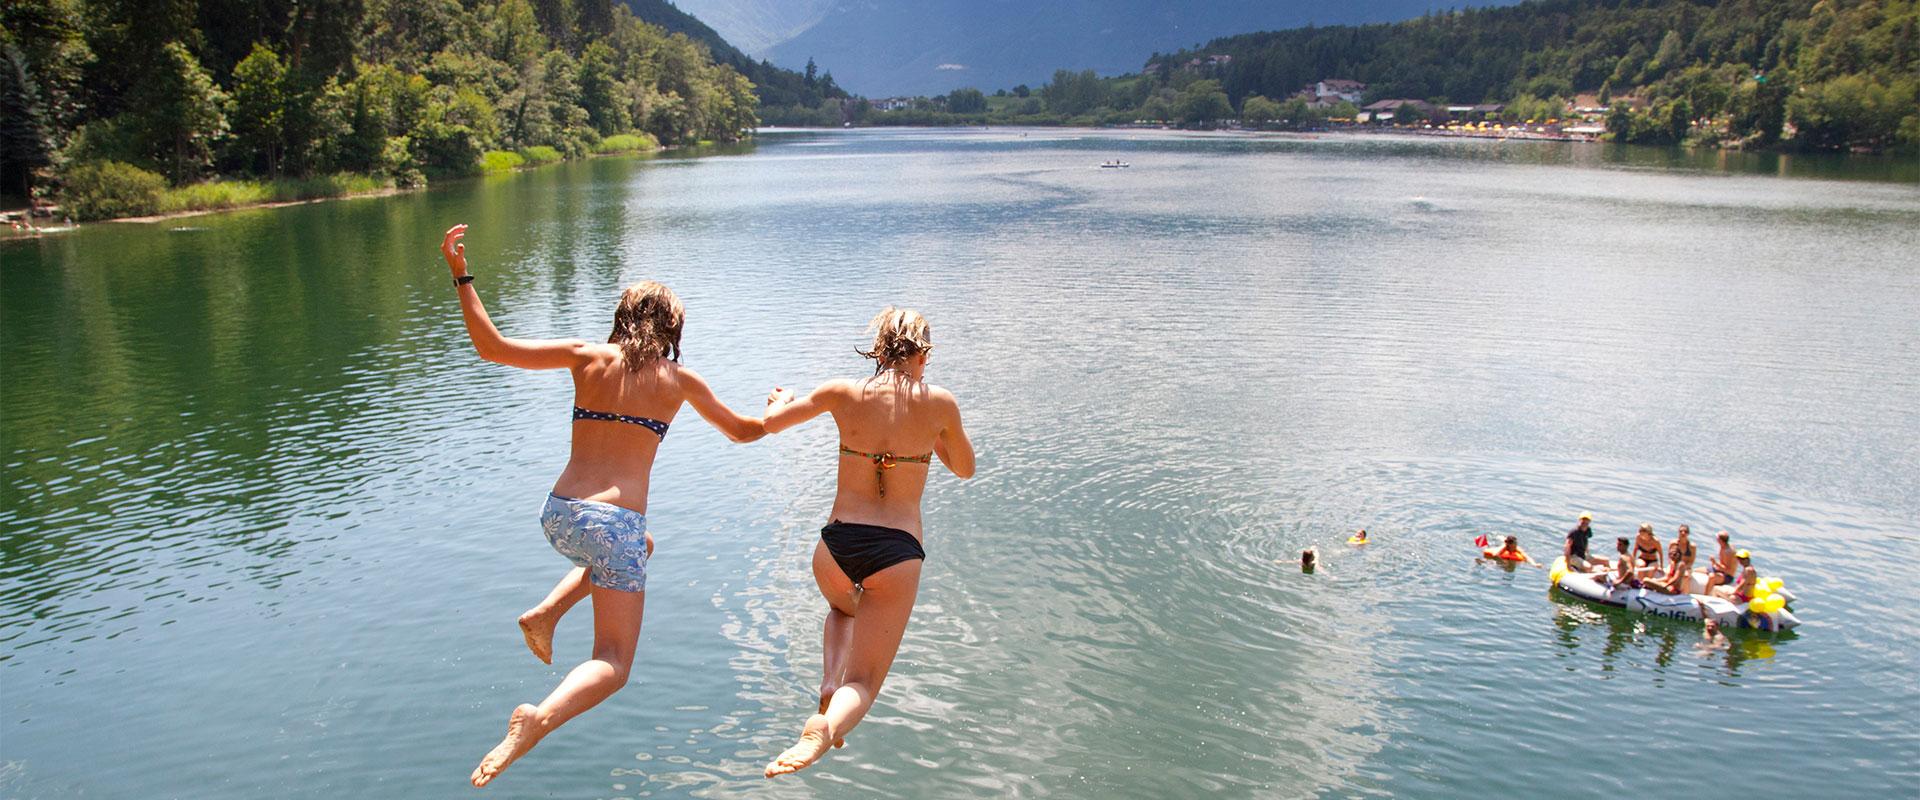 laghi di monticolo